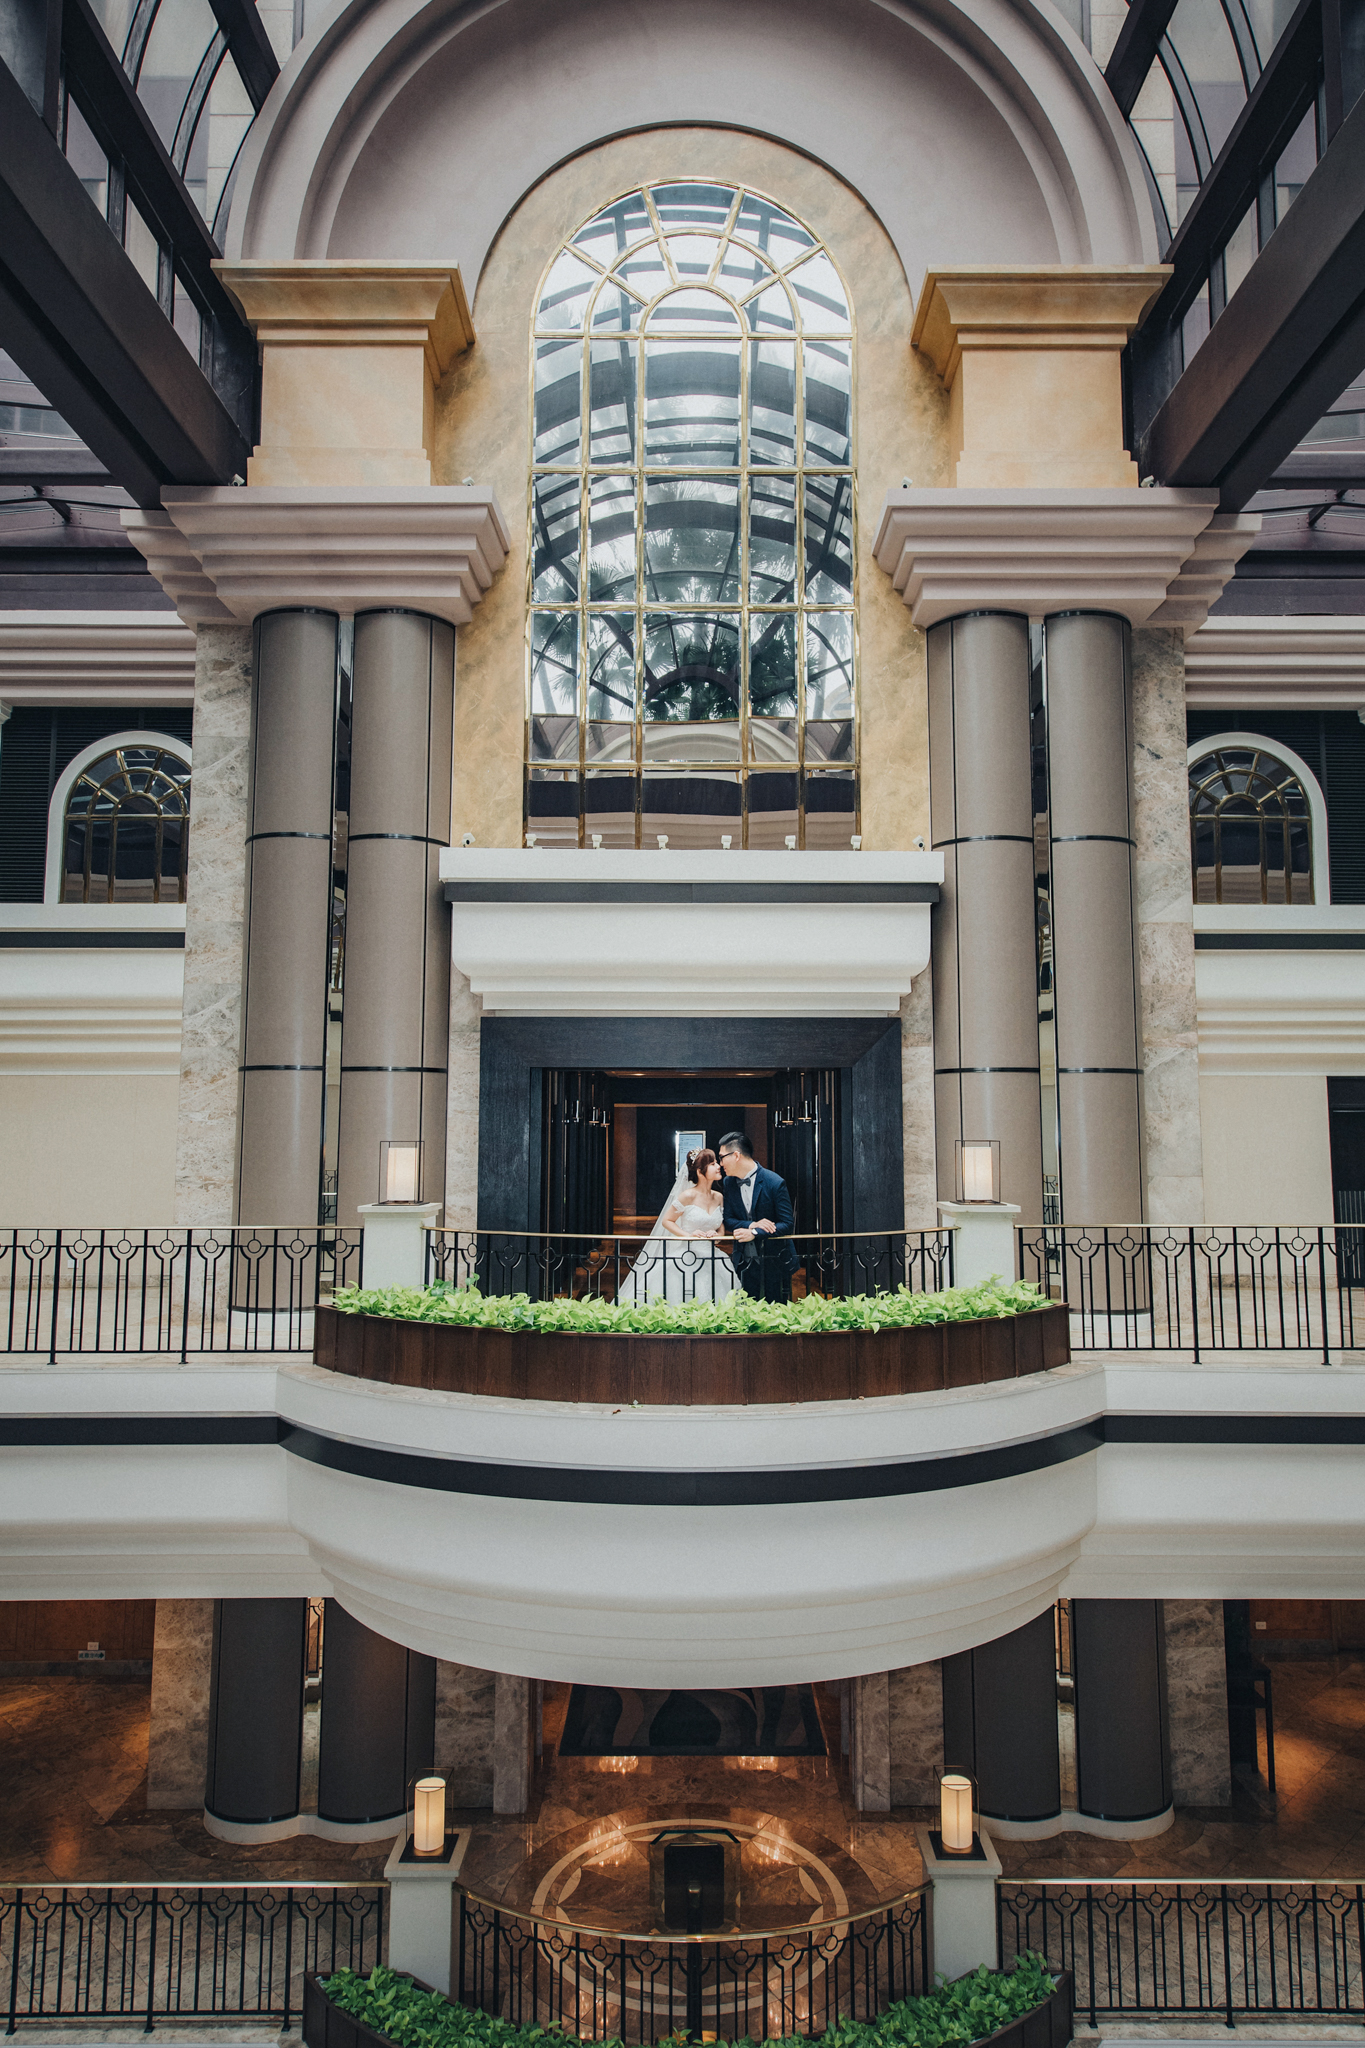 東法, 國賓飯店, 婚禮紀錄, 雙攝影師, 藝術婚禮, Donfer, Donfer Photography, EASTERN WEDDING, Wedding Day, 君悅飯店